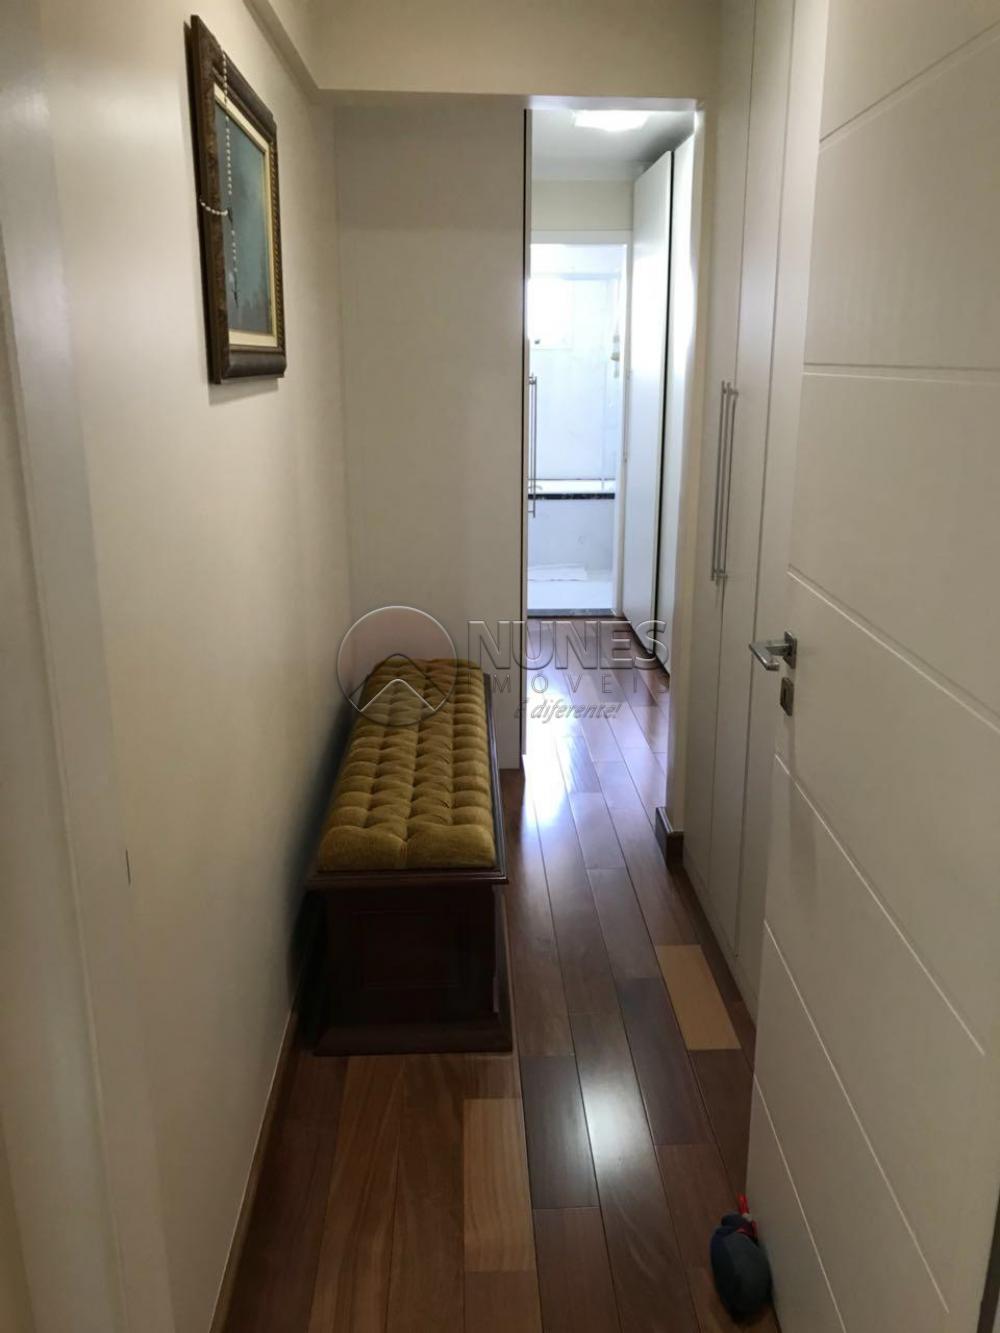 Comprar Apartamento / Padrão em Osasco apenas R$ 1.495.000,00 - Foto 7